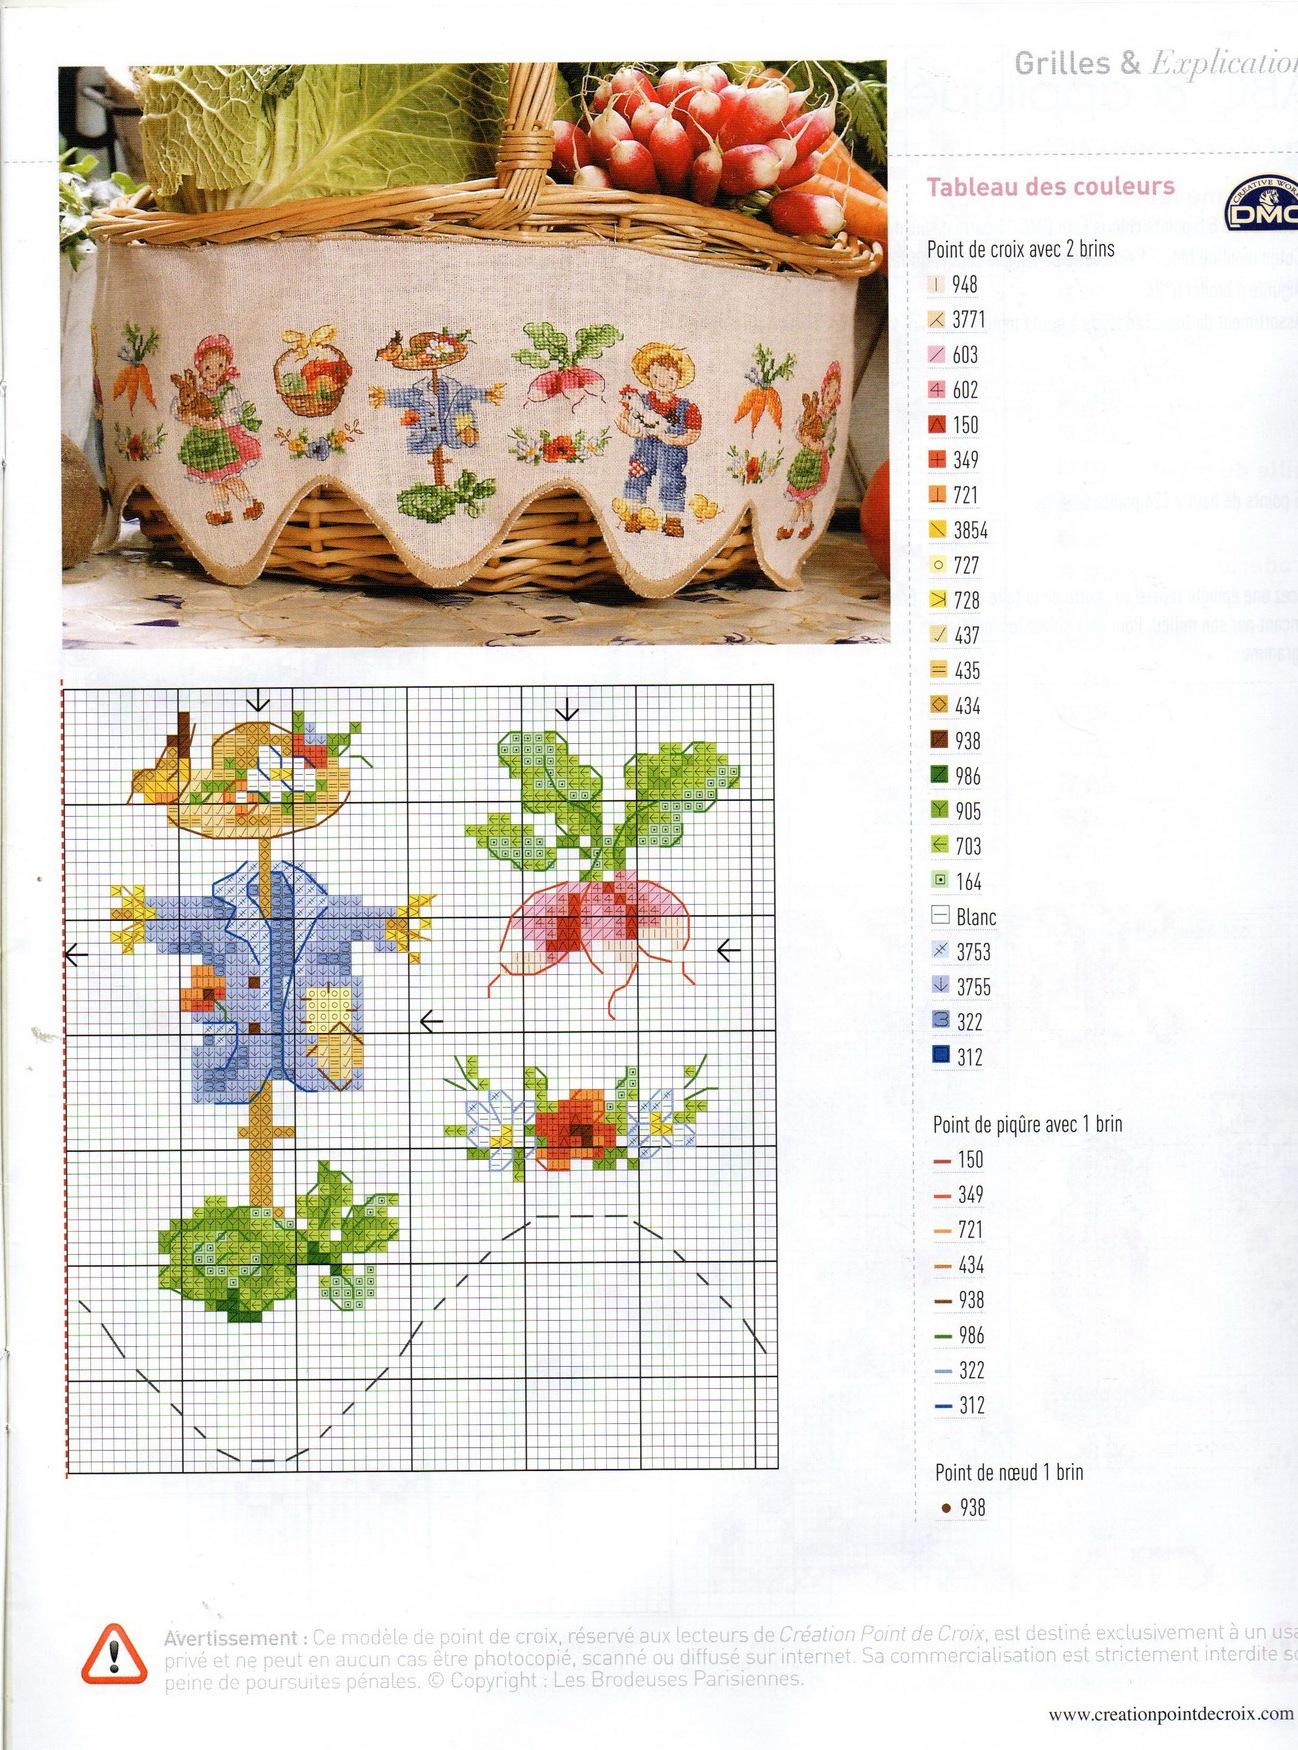 Вышивка крестом для корзинки с овощами. Схема